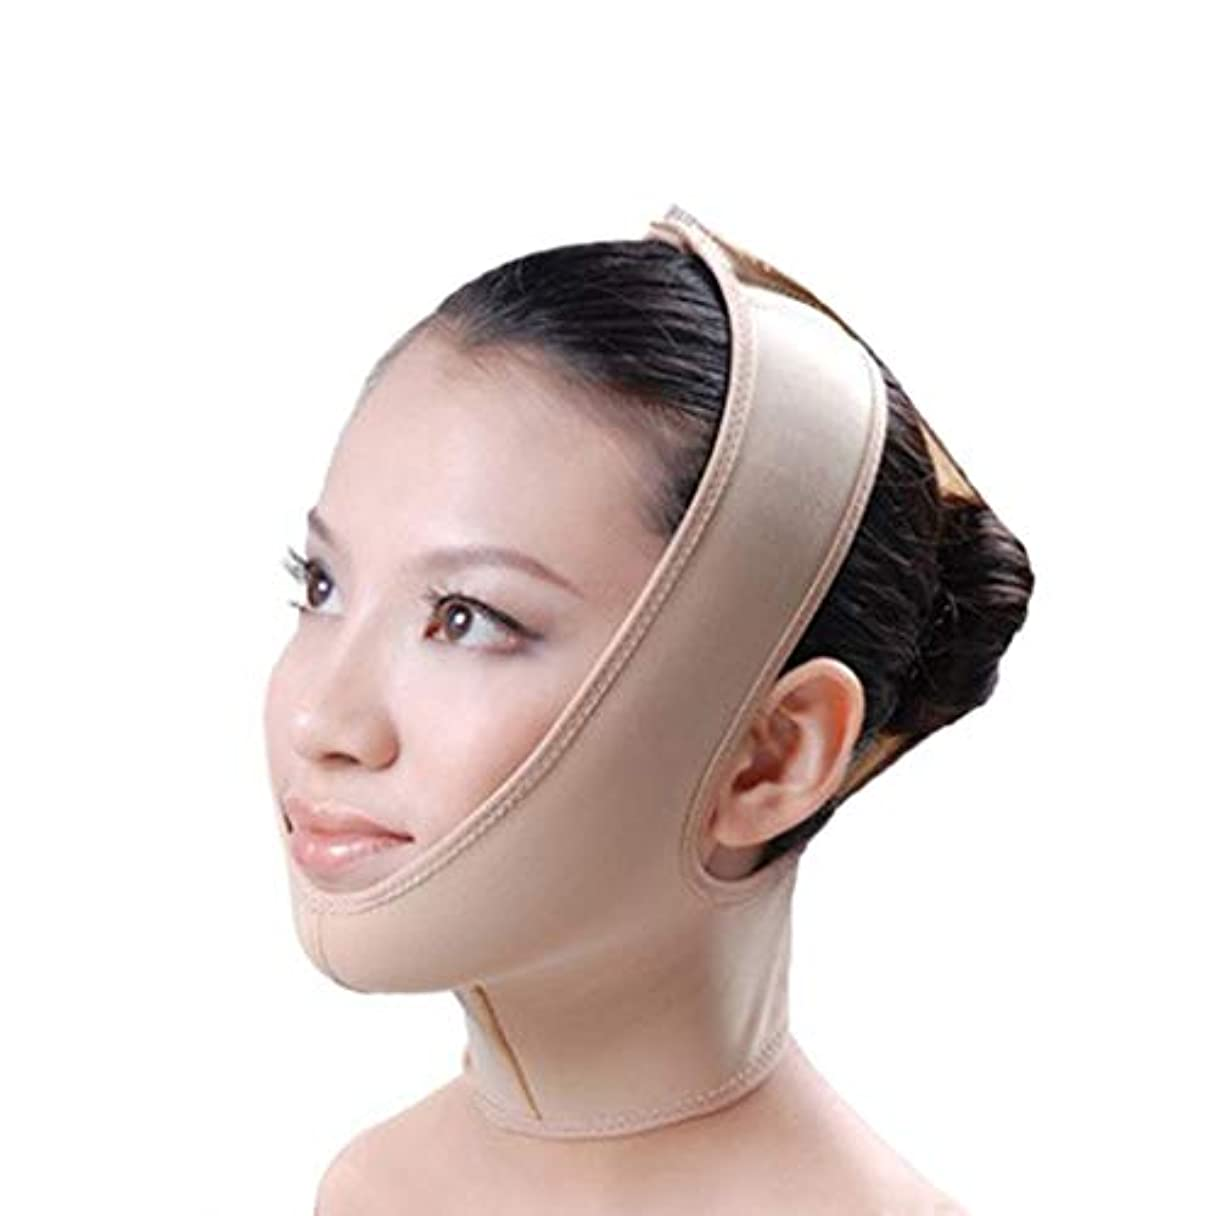 険しいエチケット富豪XHLMRMJ フェイススリム、リフティングマスク、包帯リフト、ダブルチン、ファーミングフェイシャルリフト、フェイシャル減量マスク、リフティングスキンバンデージ (Size : L)